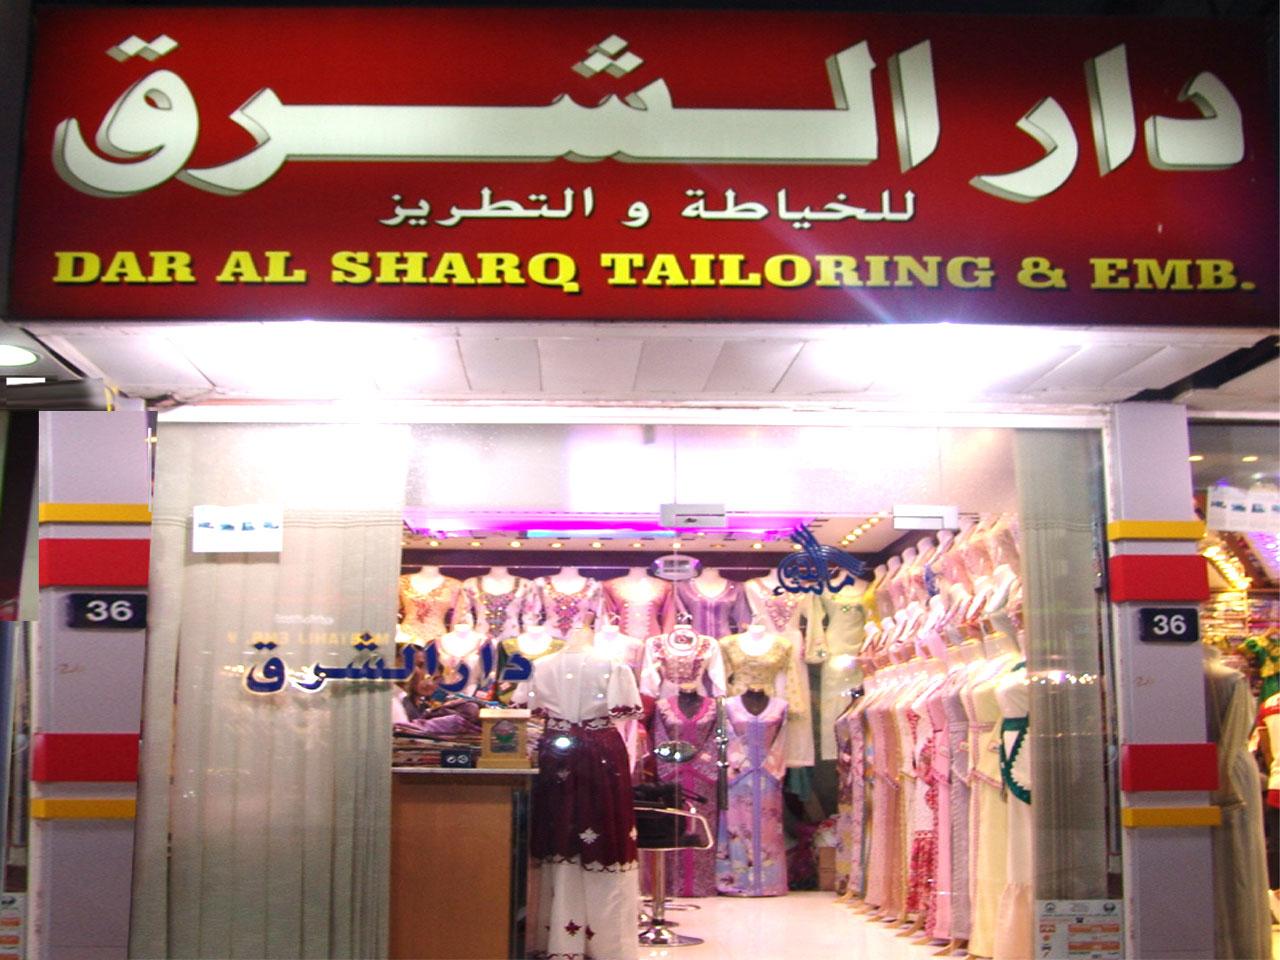 Dar Al Sharq Tailoring &Emb - DSC01126.jpg